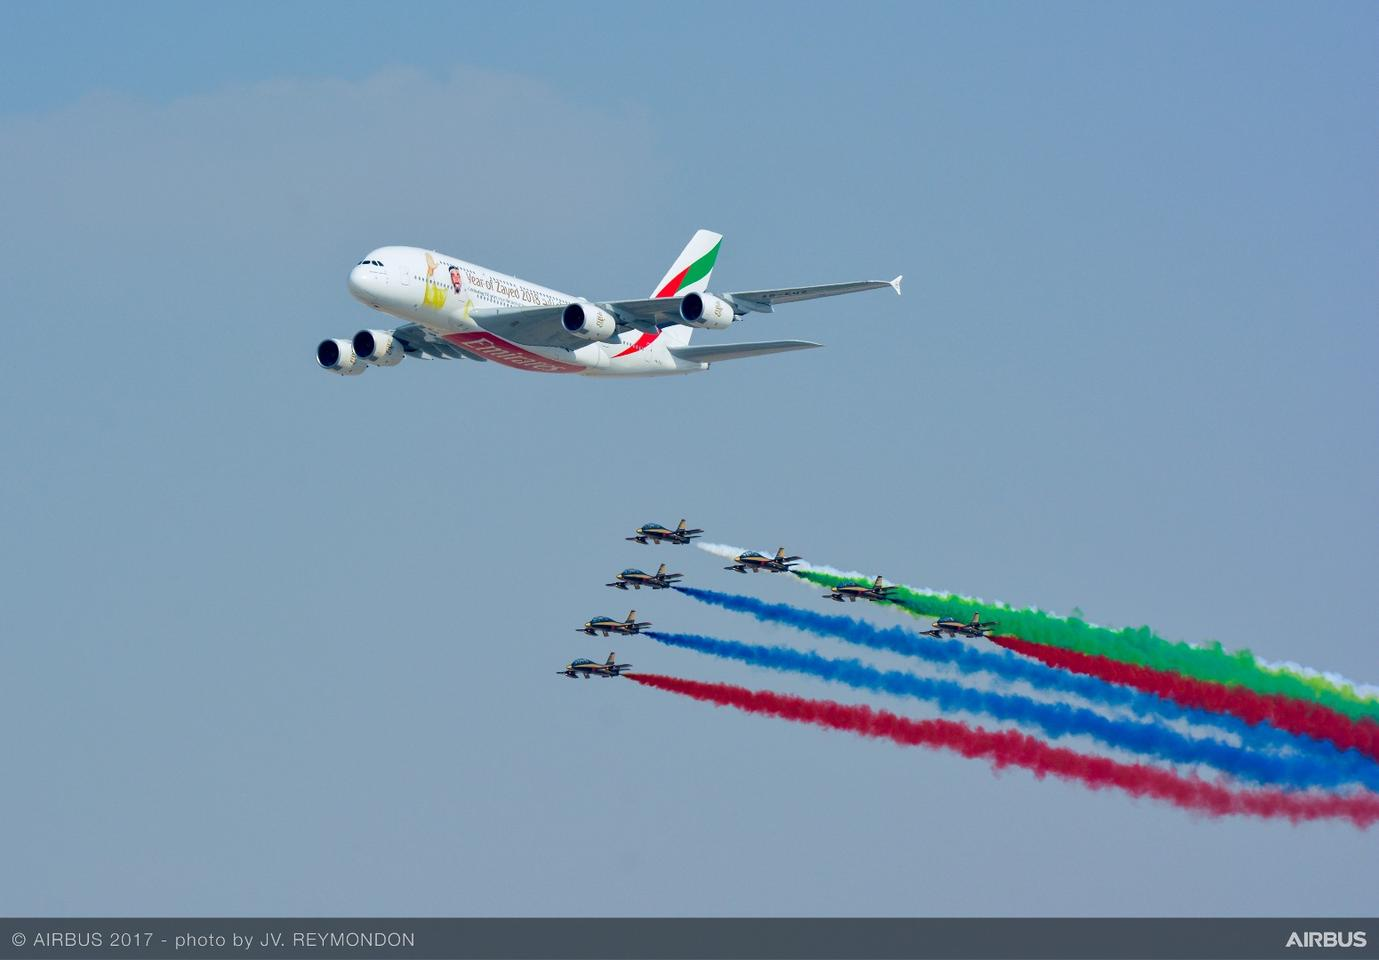 An A380 at the2017 Dubai Air Show